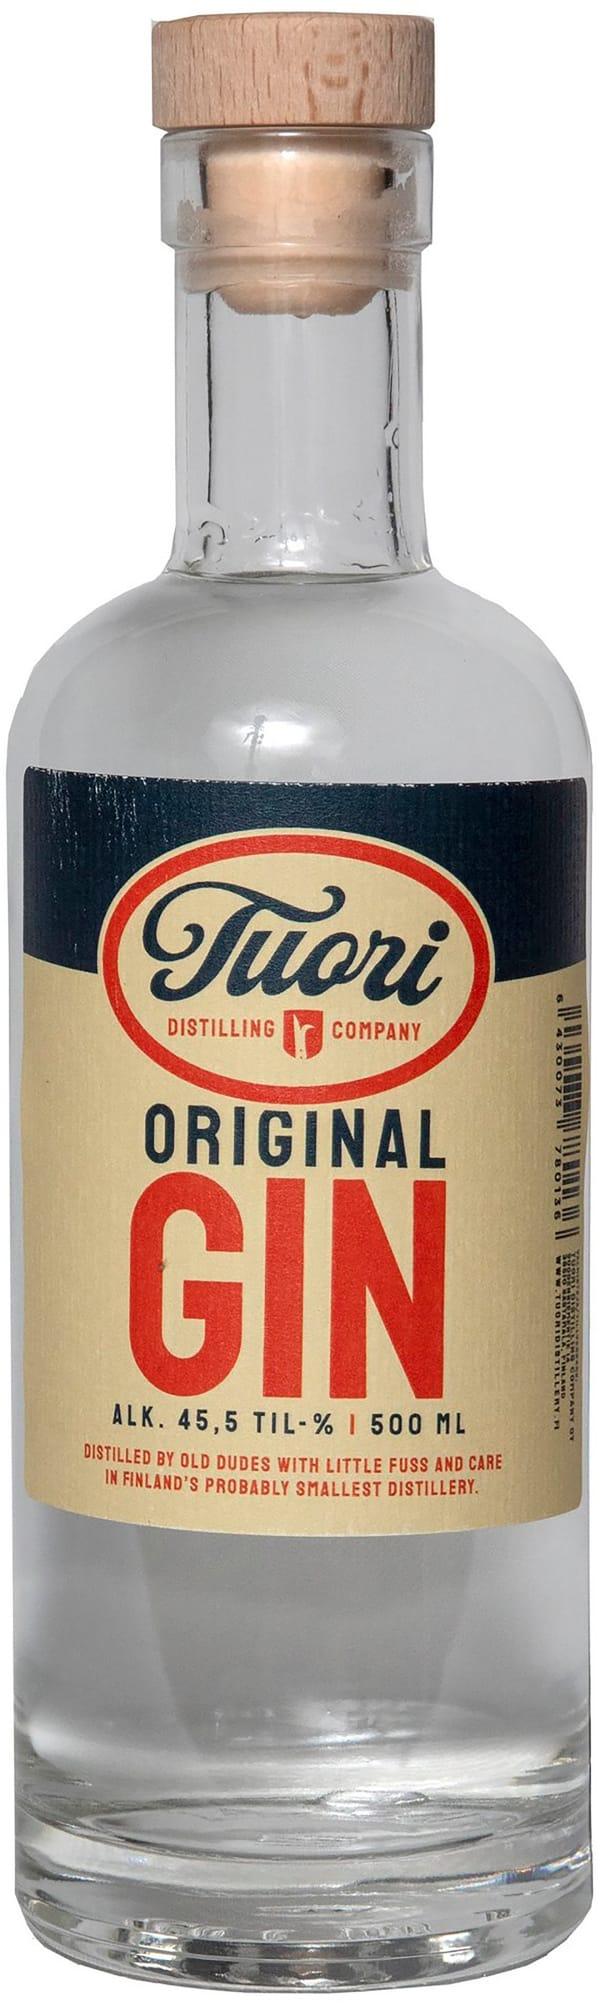 Tuori Original Gin